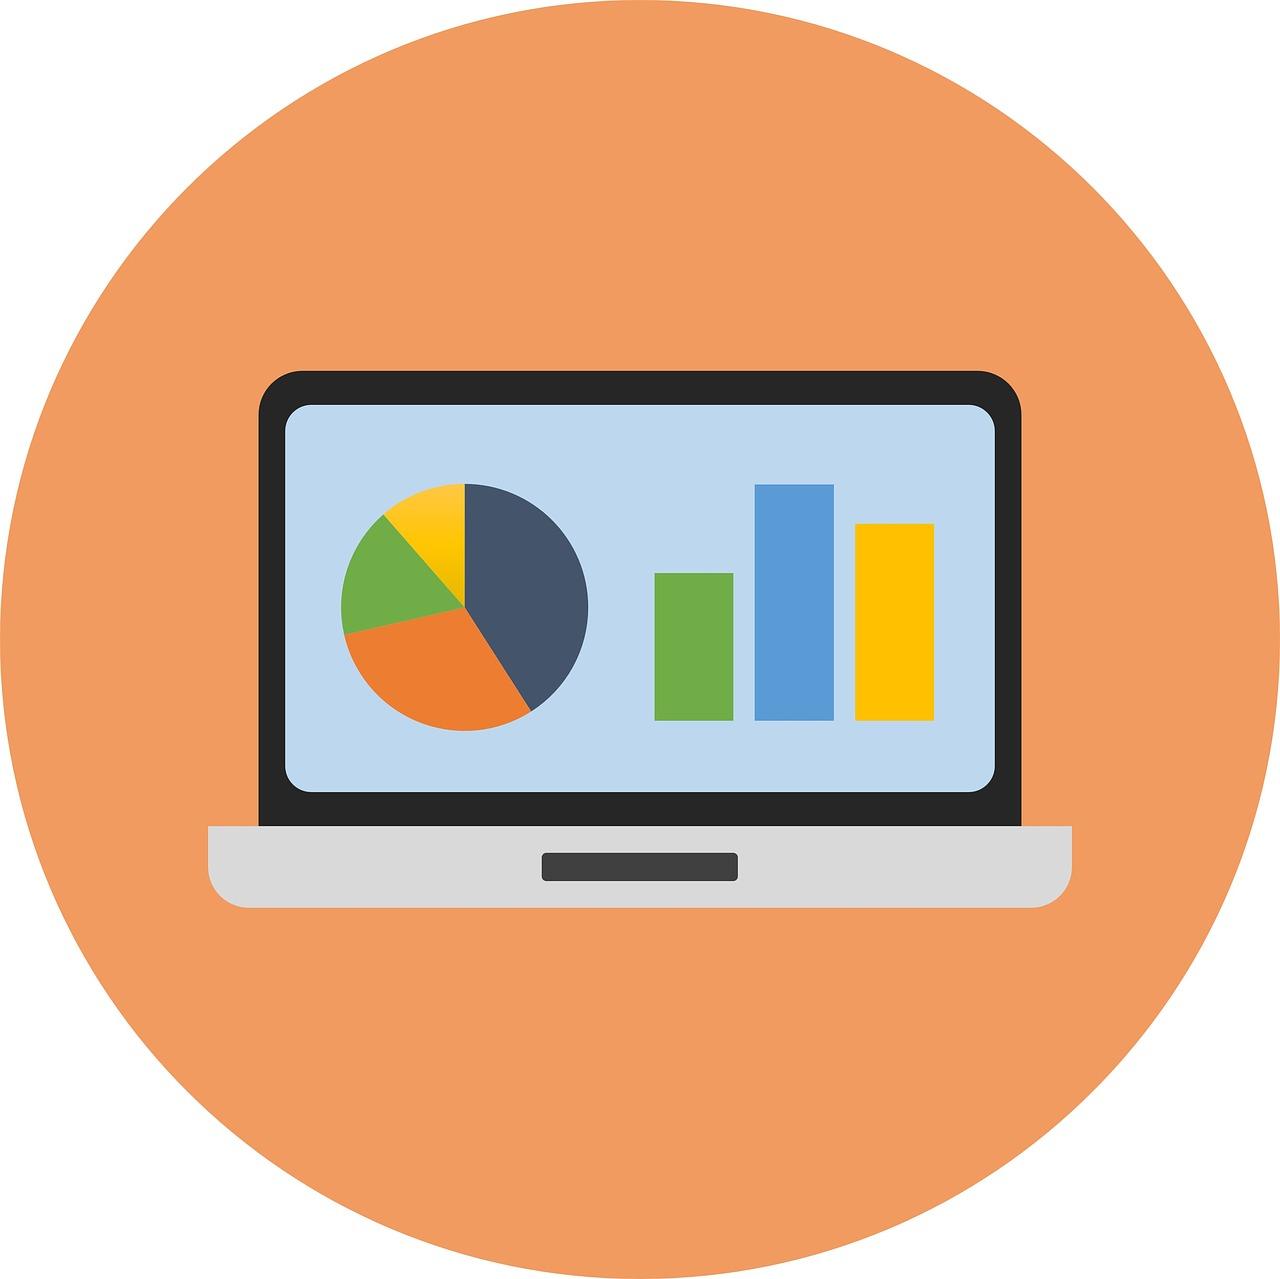 כיצד שיווק דיגיטלי 360 מעלות יכול להגדיל הכנסות בעסק שלך